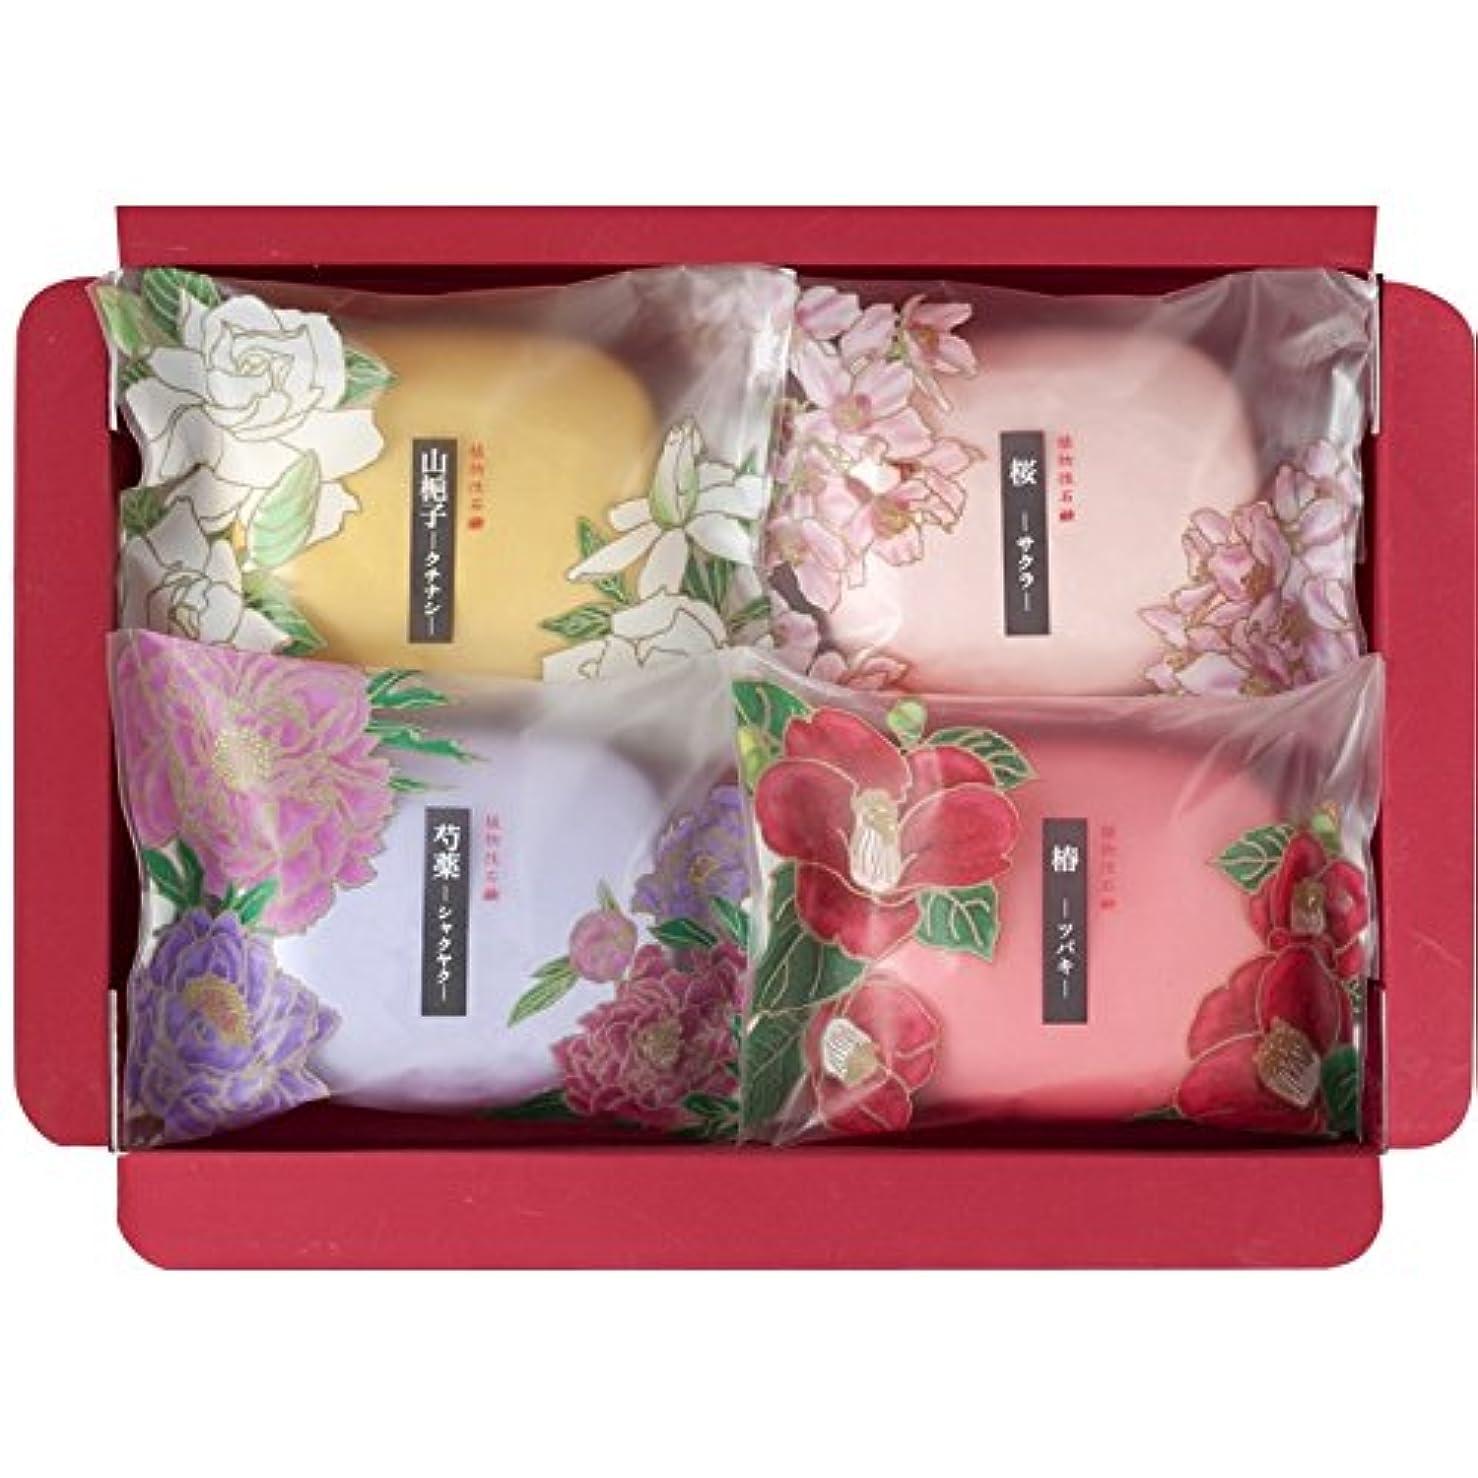 血統はっきりと下品彩花だより 【固形 ギフト せっけん あわ いい香り いい匂い うるおい プレゼント お風呂 かおり からだ きれい つめあわせ 日本製 国産 500】